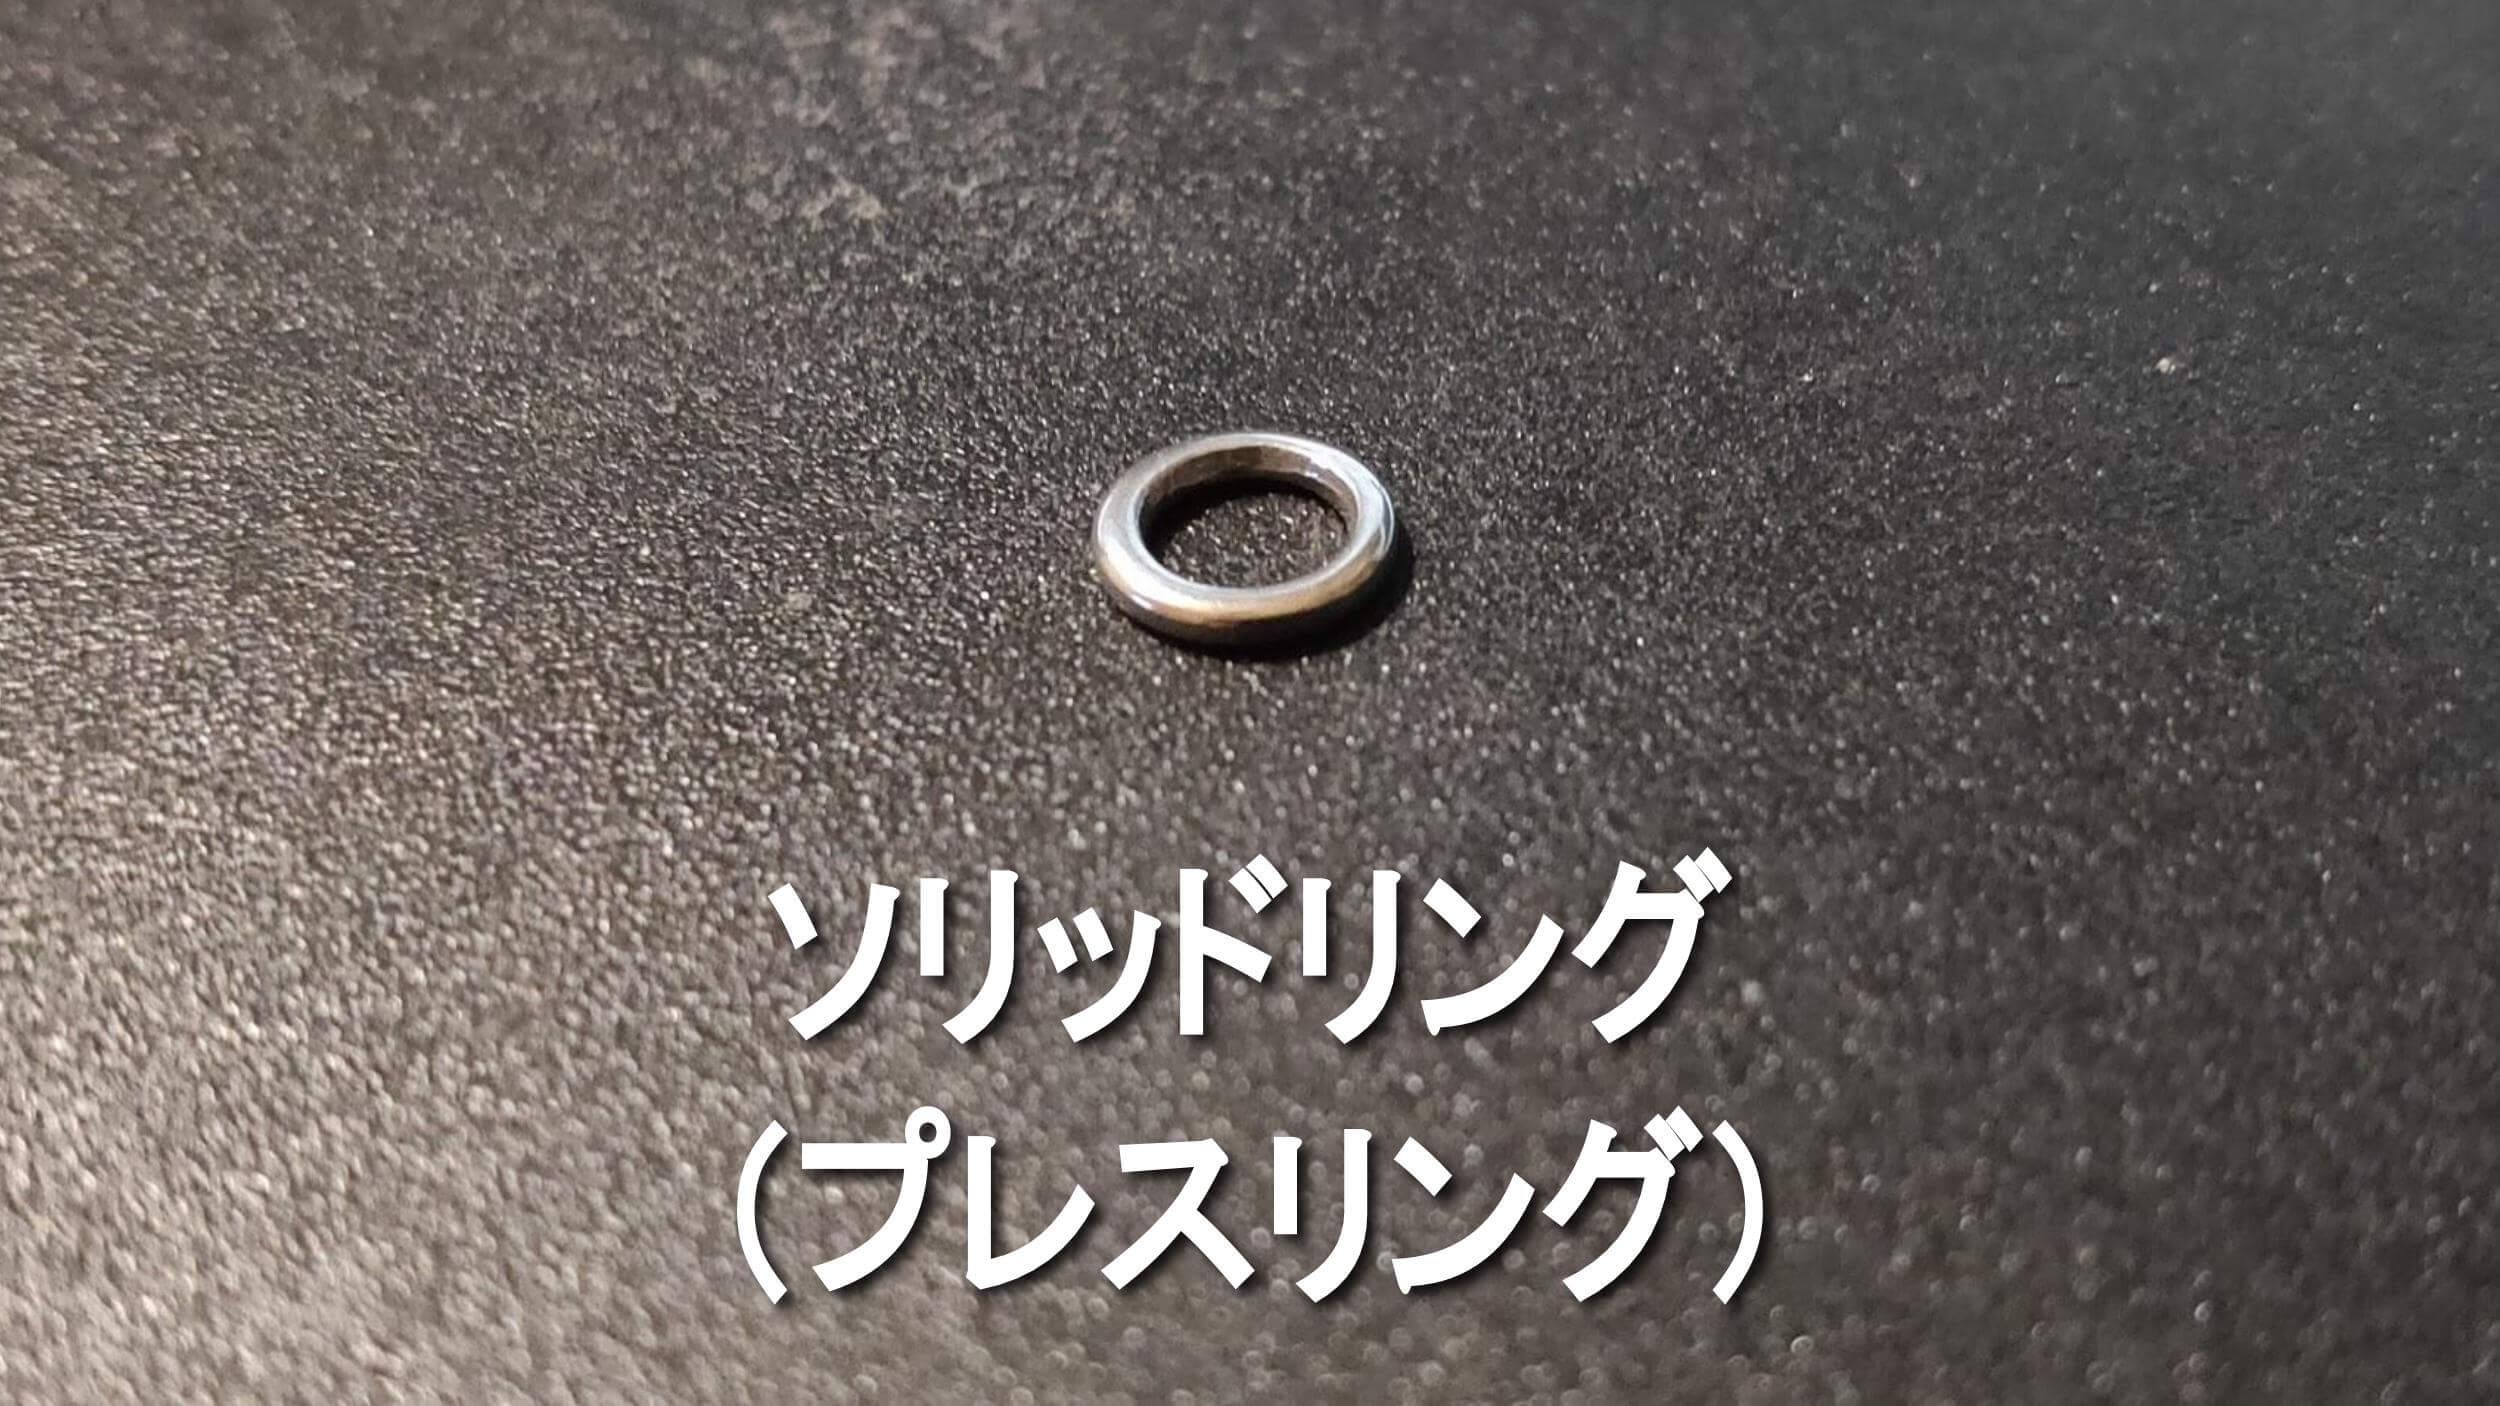 ソリッドリング(プレスリング)